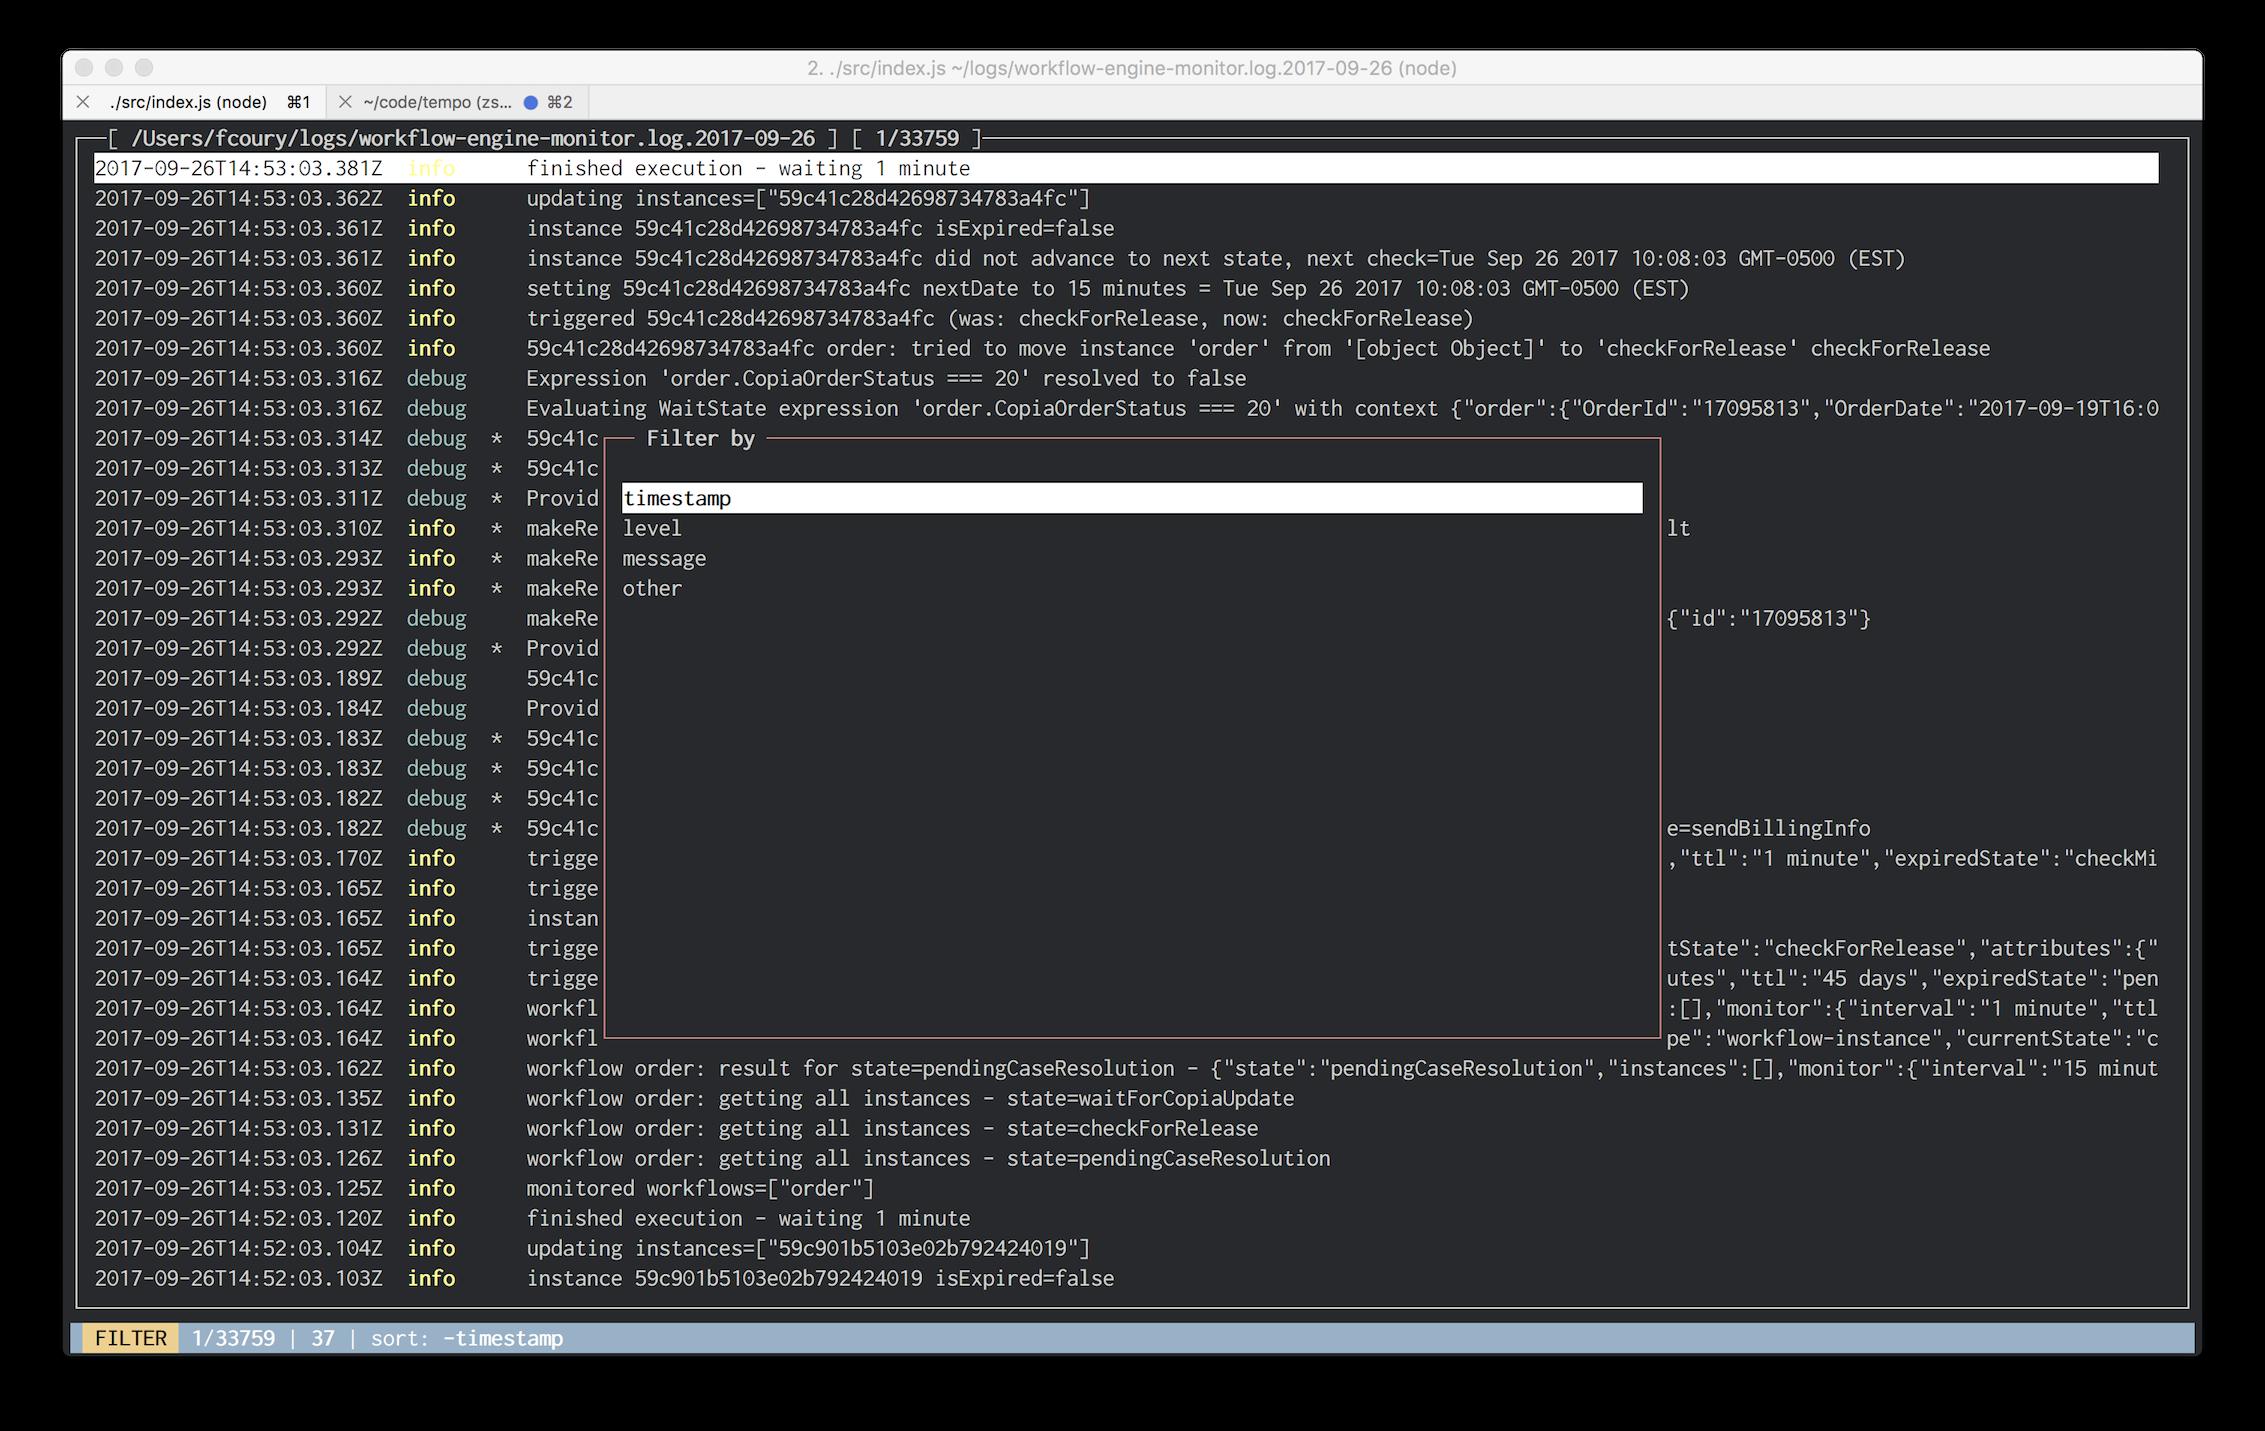 json-log-viewer - npm